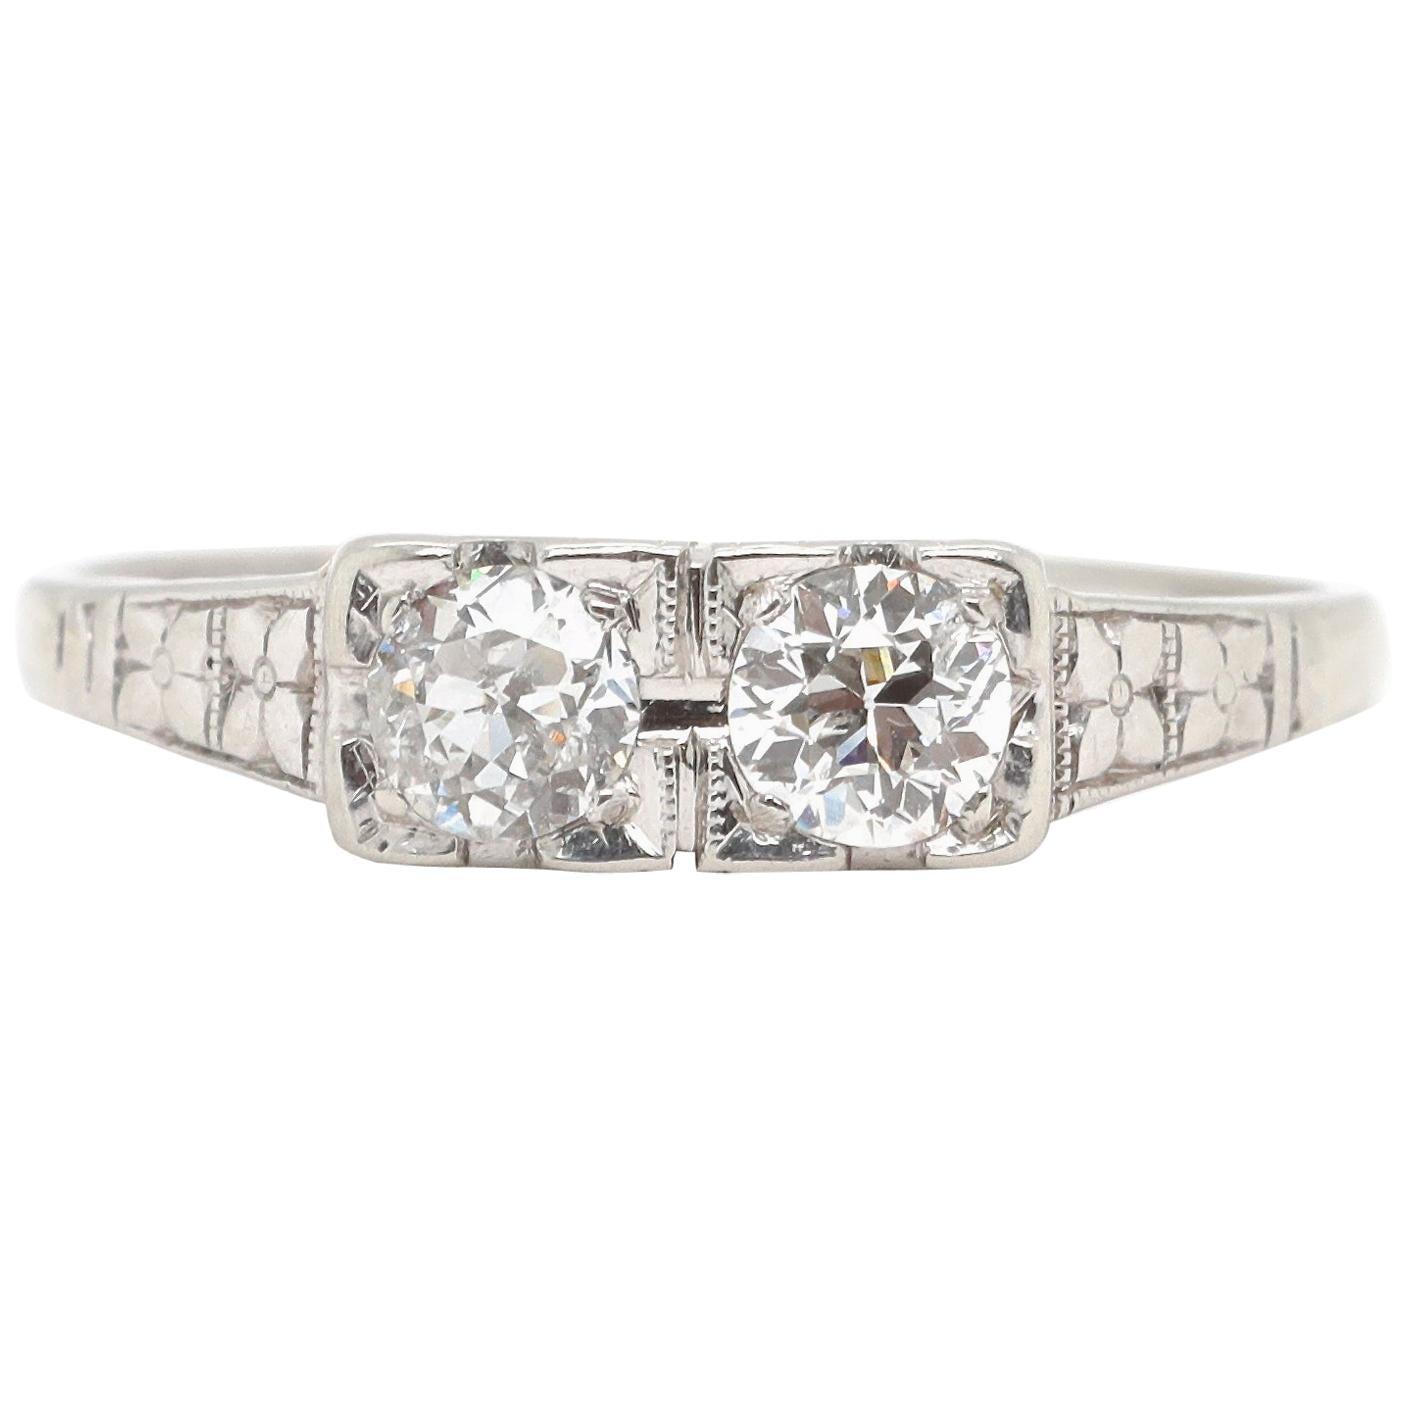 Art Deco Toi et Moi Old European Cut Diamond Platinum Ring